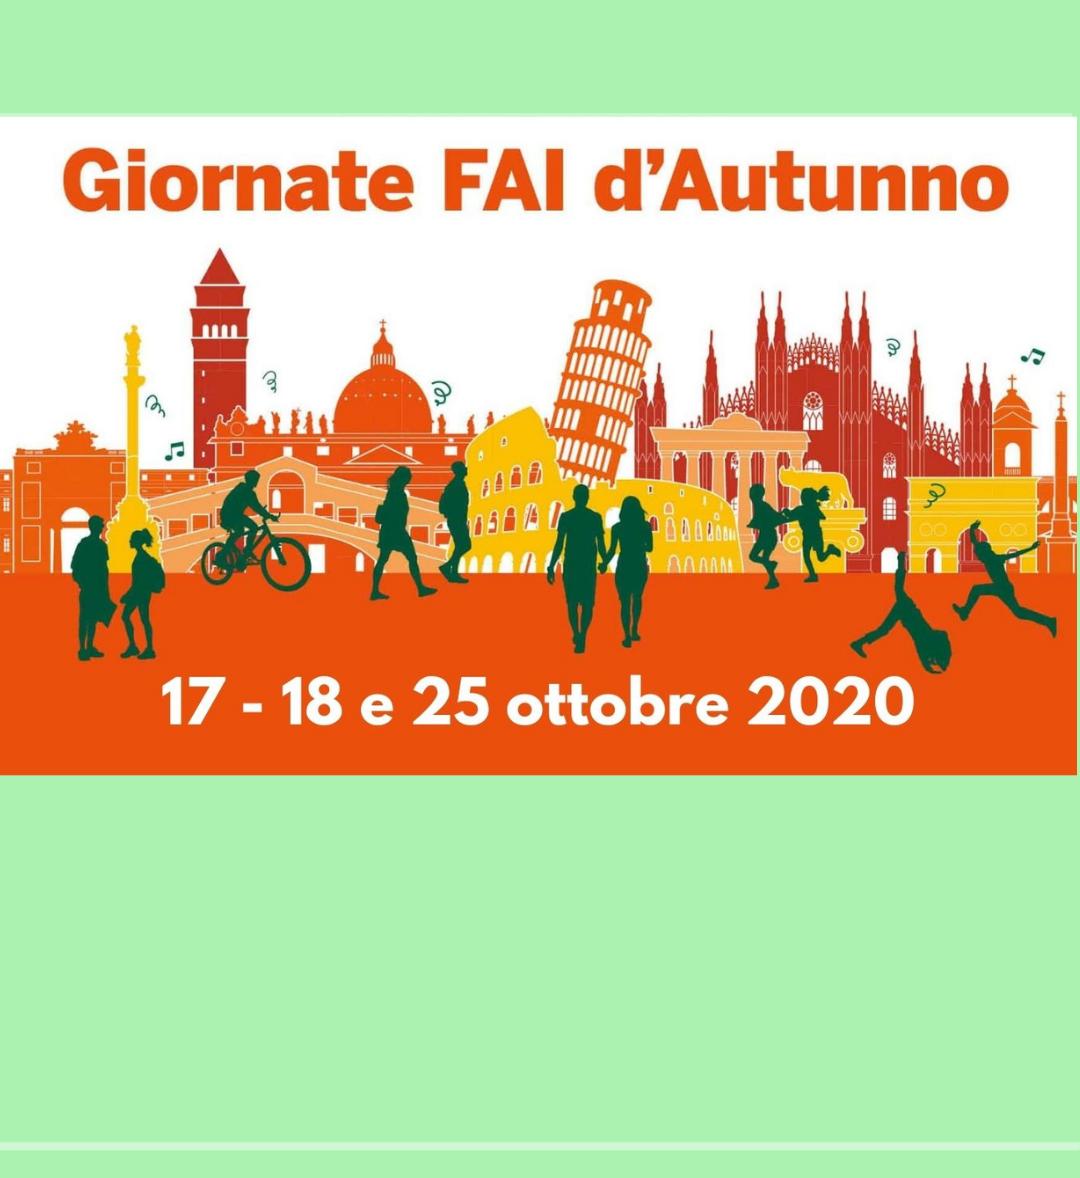 G2020-10-17-18-25-FAI